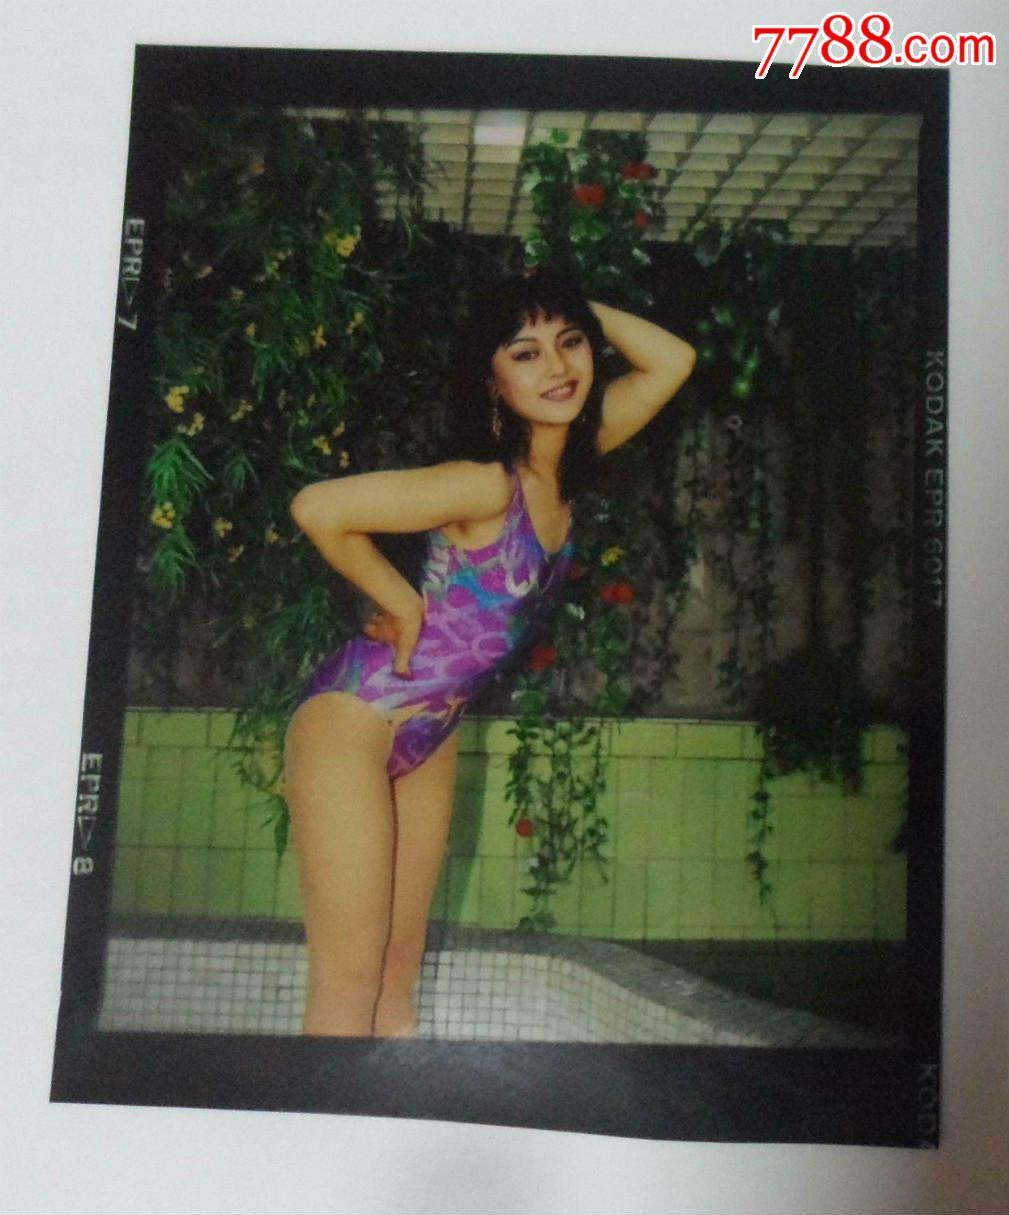 美人模特摄影挂历原版彩色底片,辽宁美术出版社八十年代中期